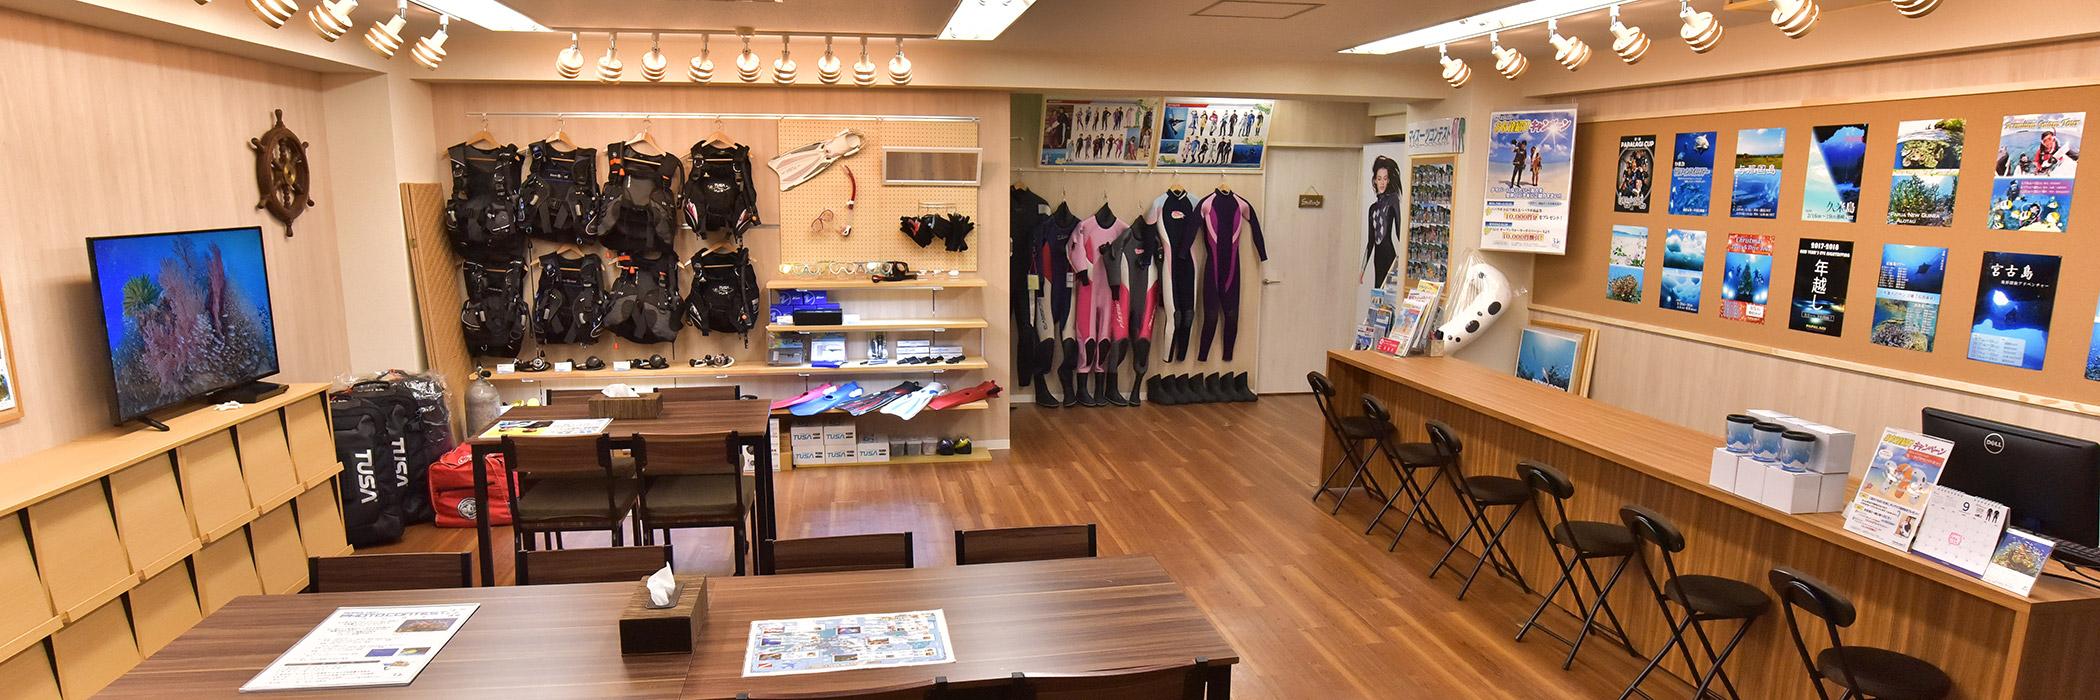 2017/9/13 パパラギ横浜店が横浜駅前にオープン!